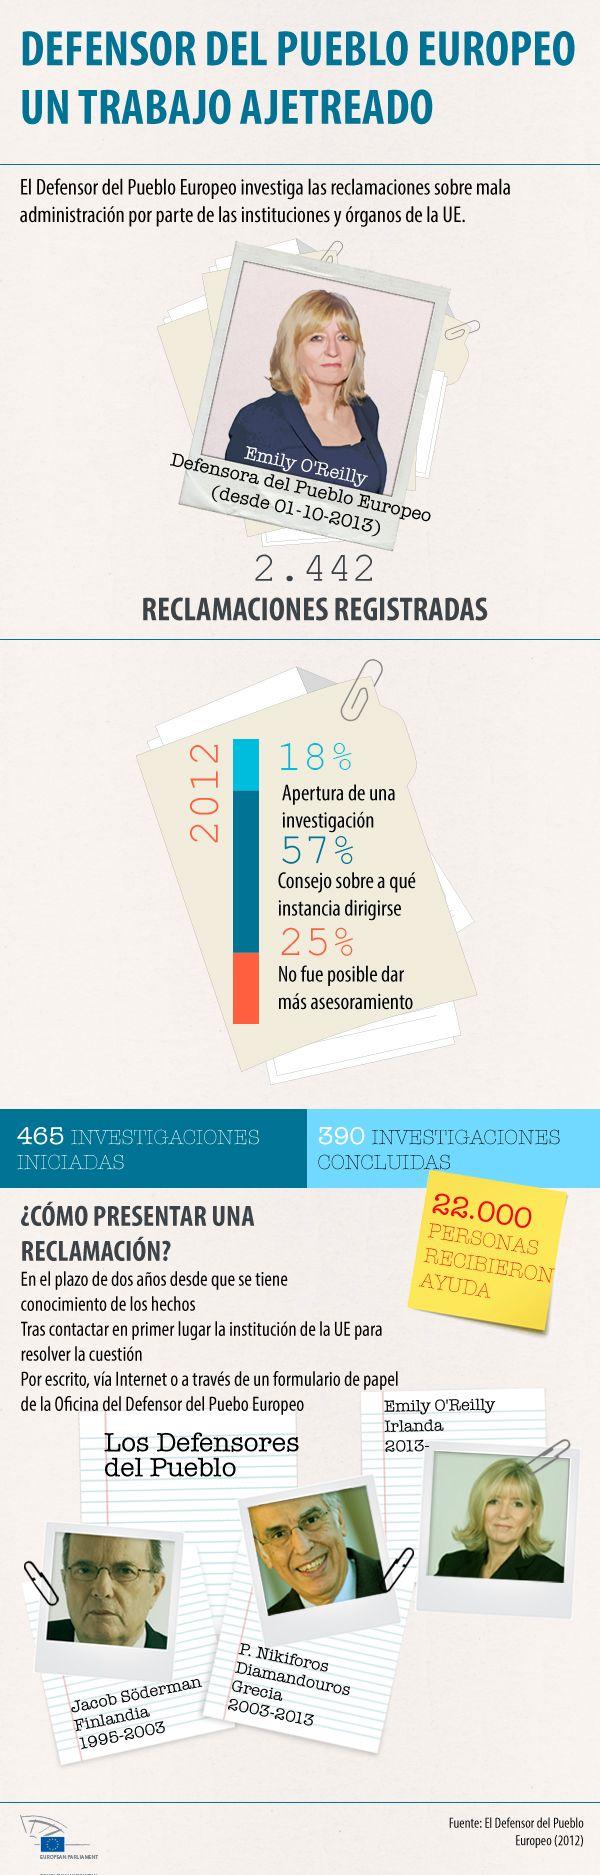 Nuestra infografía detalla la actividad de la Oficina del Defensor del Pueblo de la UE